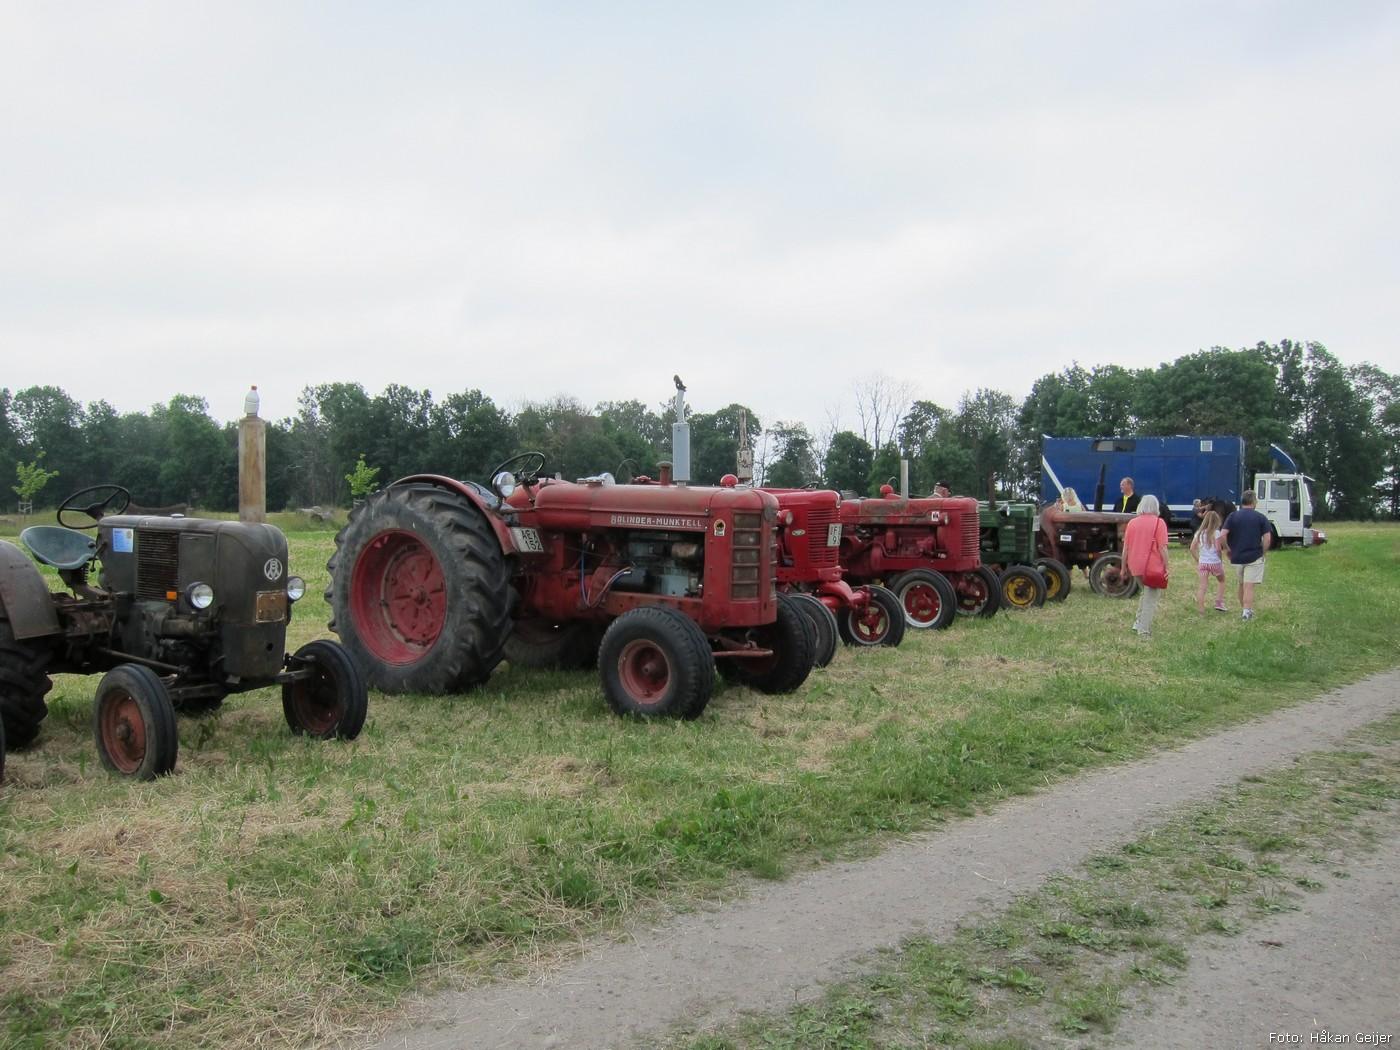 2012-07-07_020_Pulling